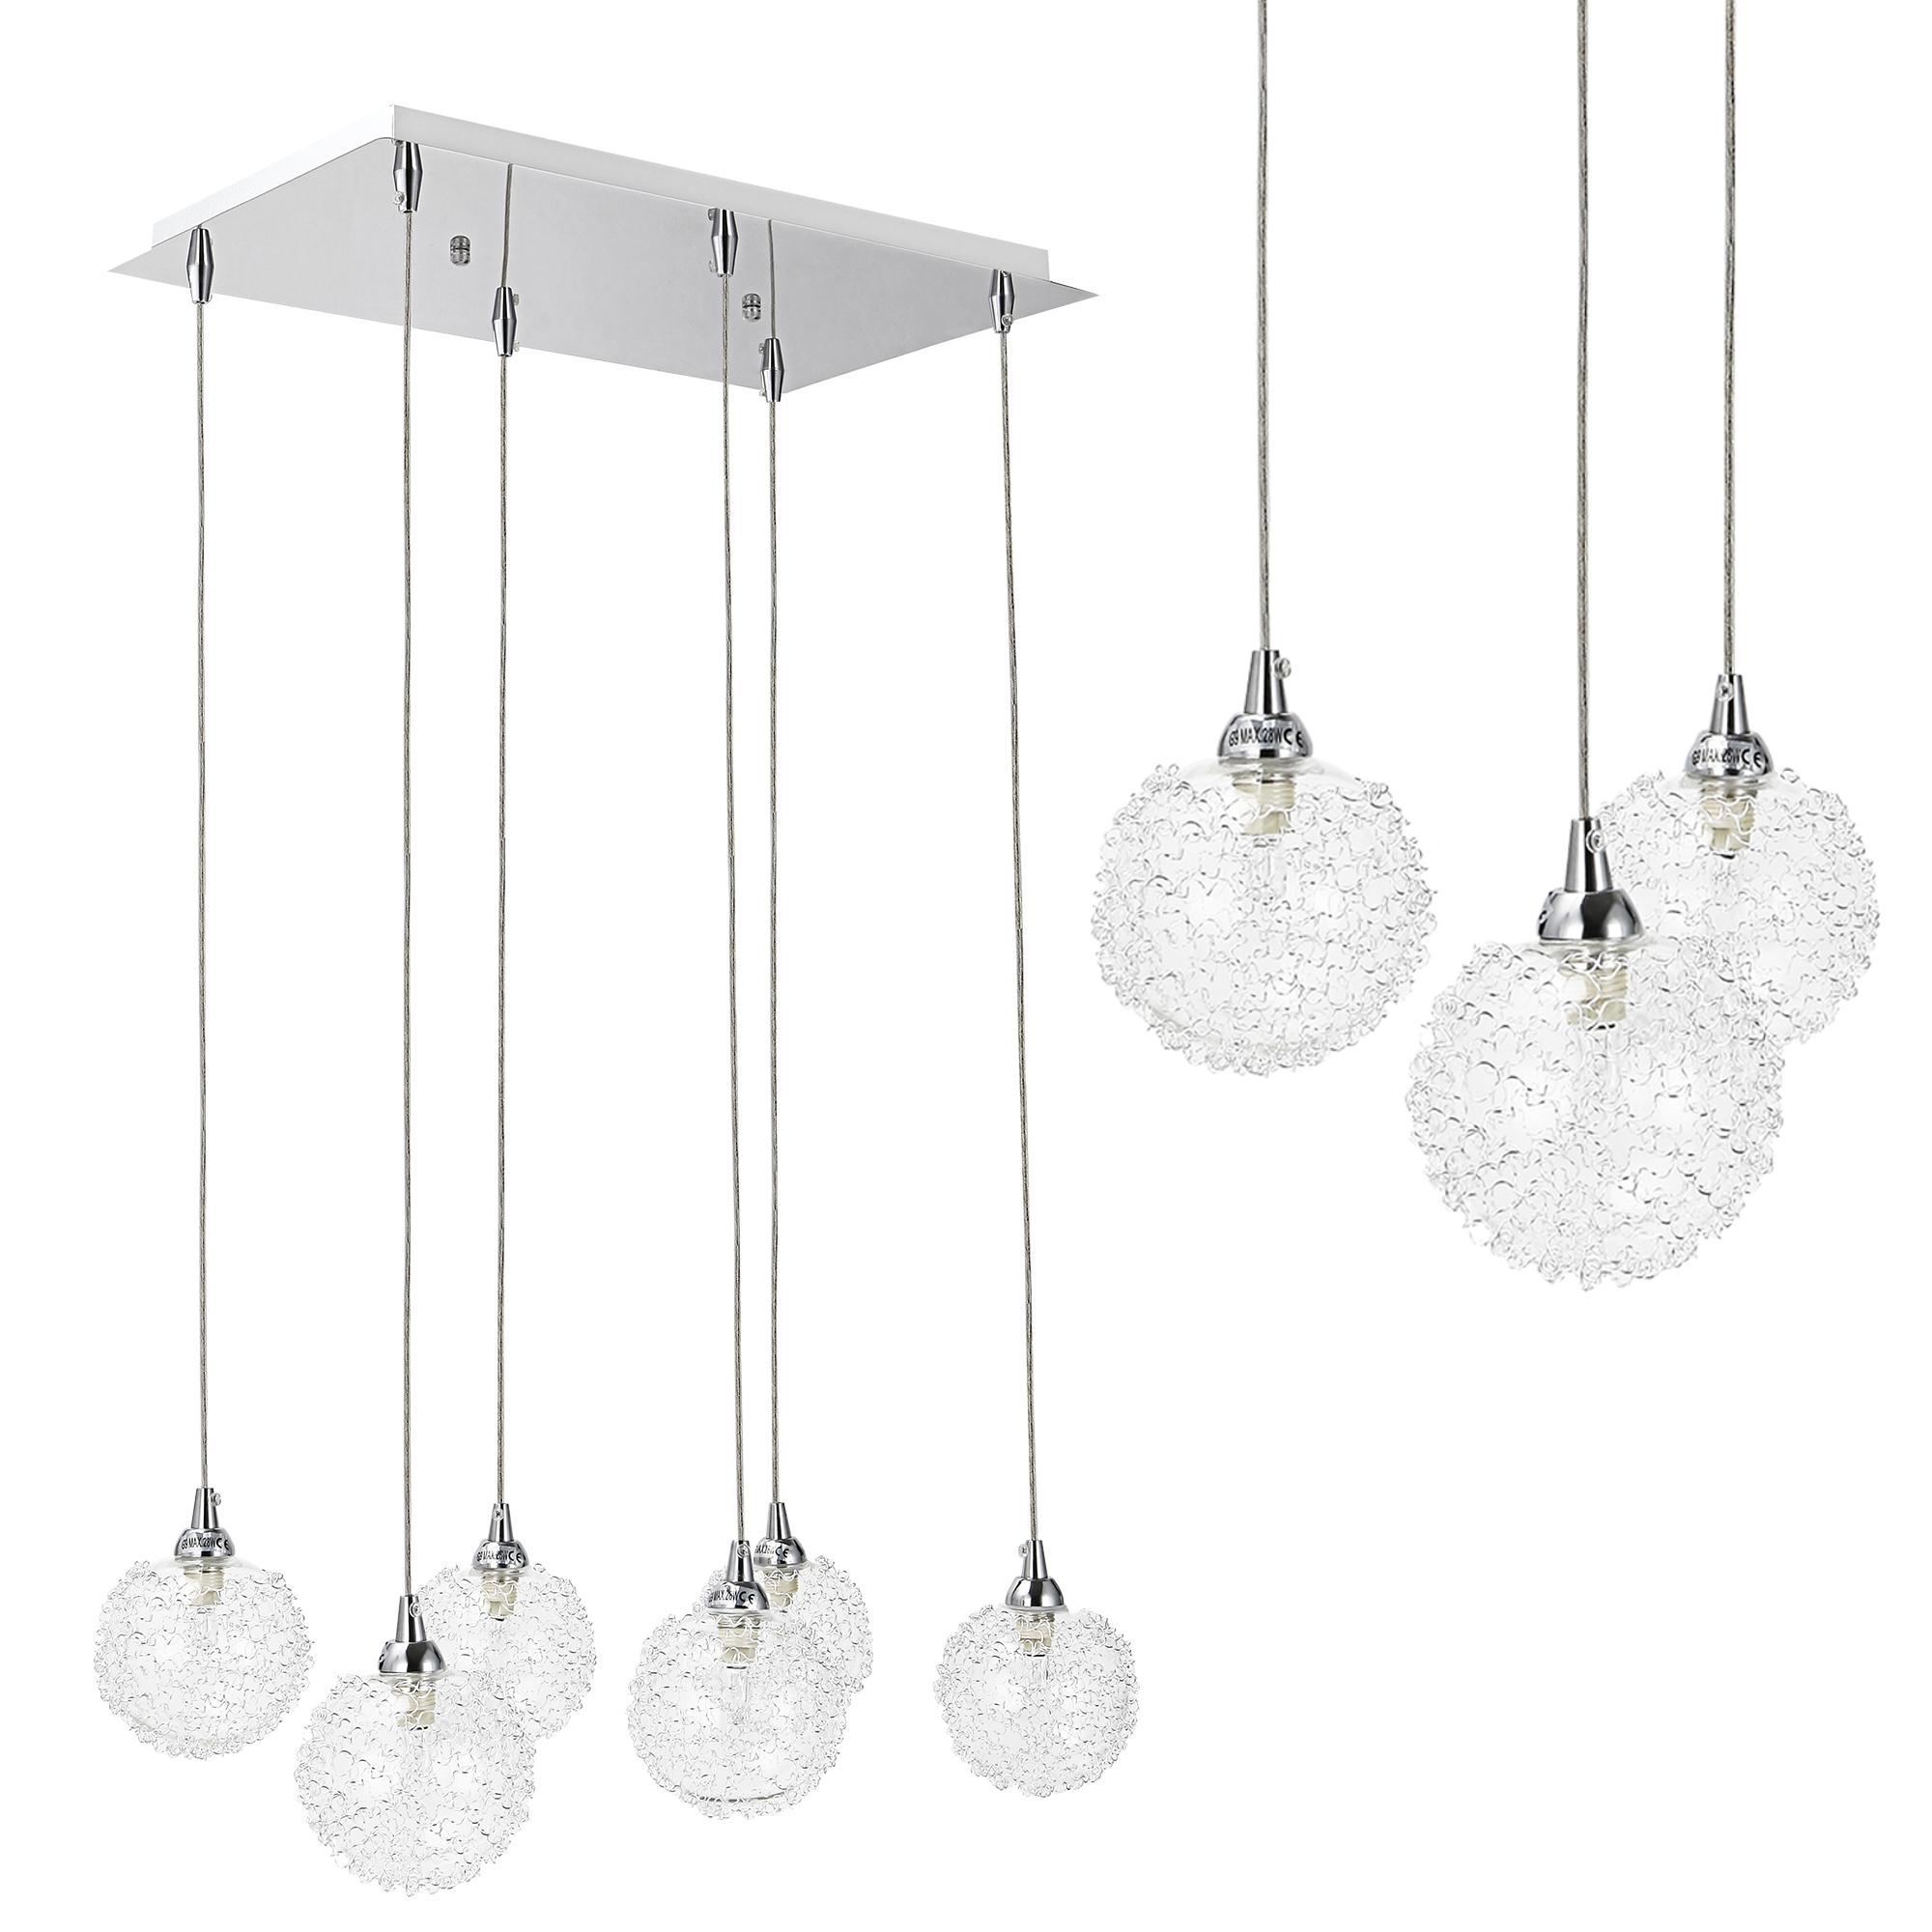 [lux.pro]® Dekoratívní designové závěsné svítidlo / stropní svítidlo - chromovo-stříbrné (6 x G9)